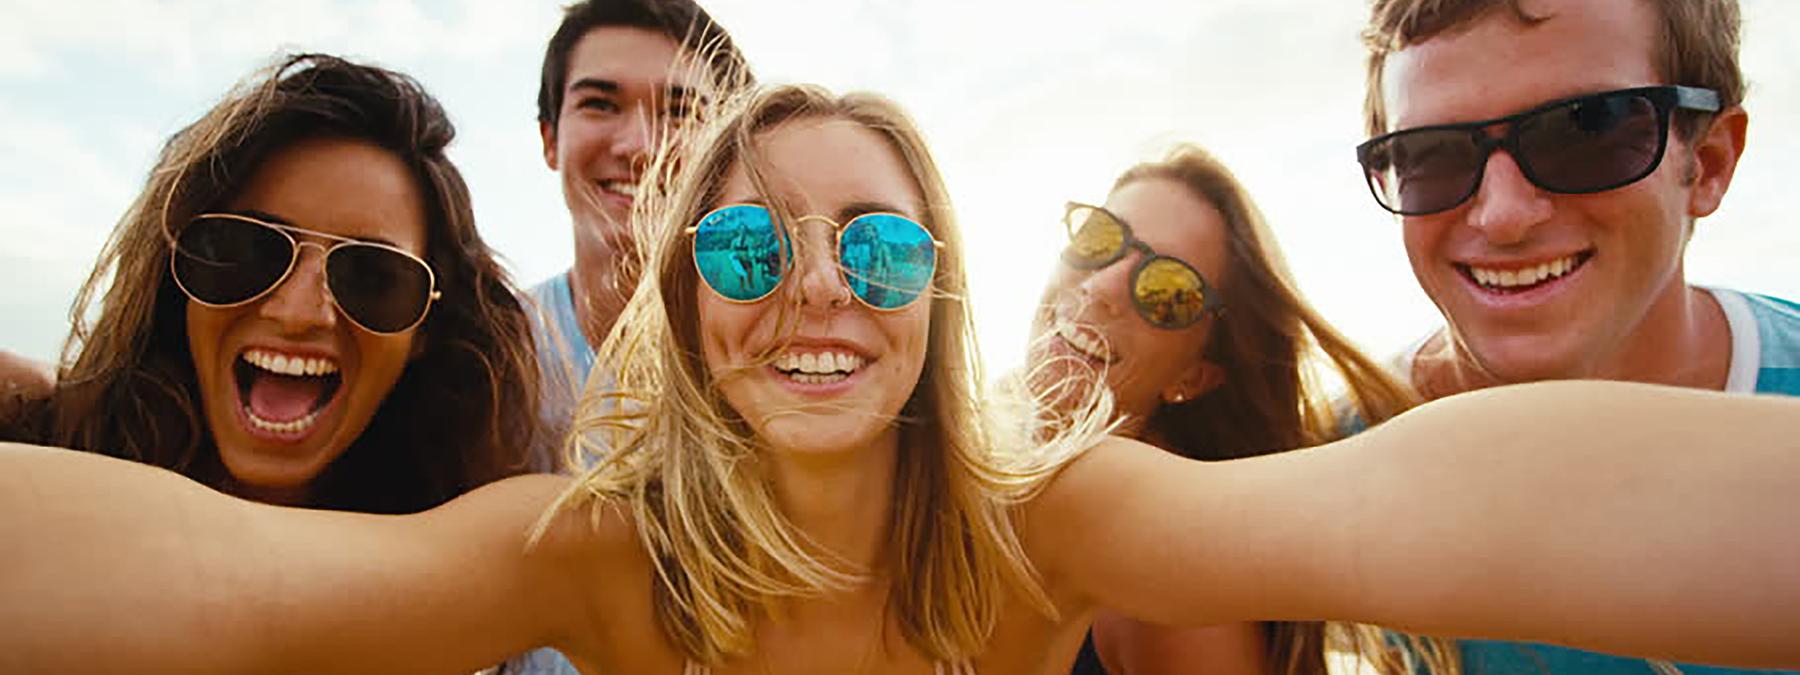 GD Friends.jpg